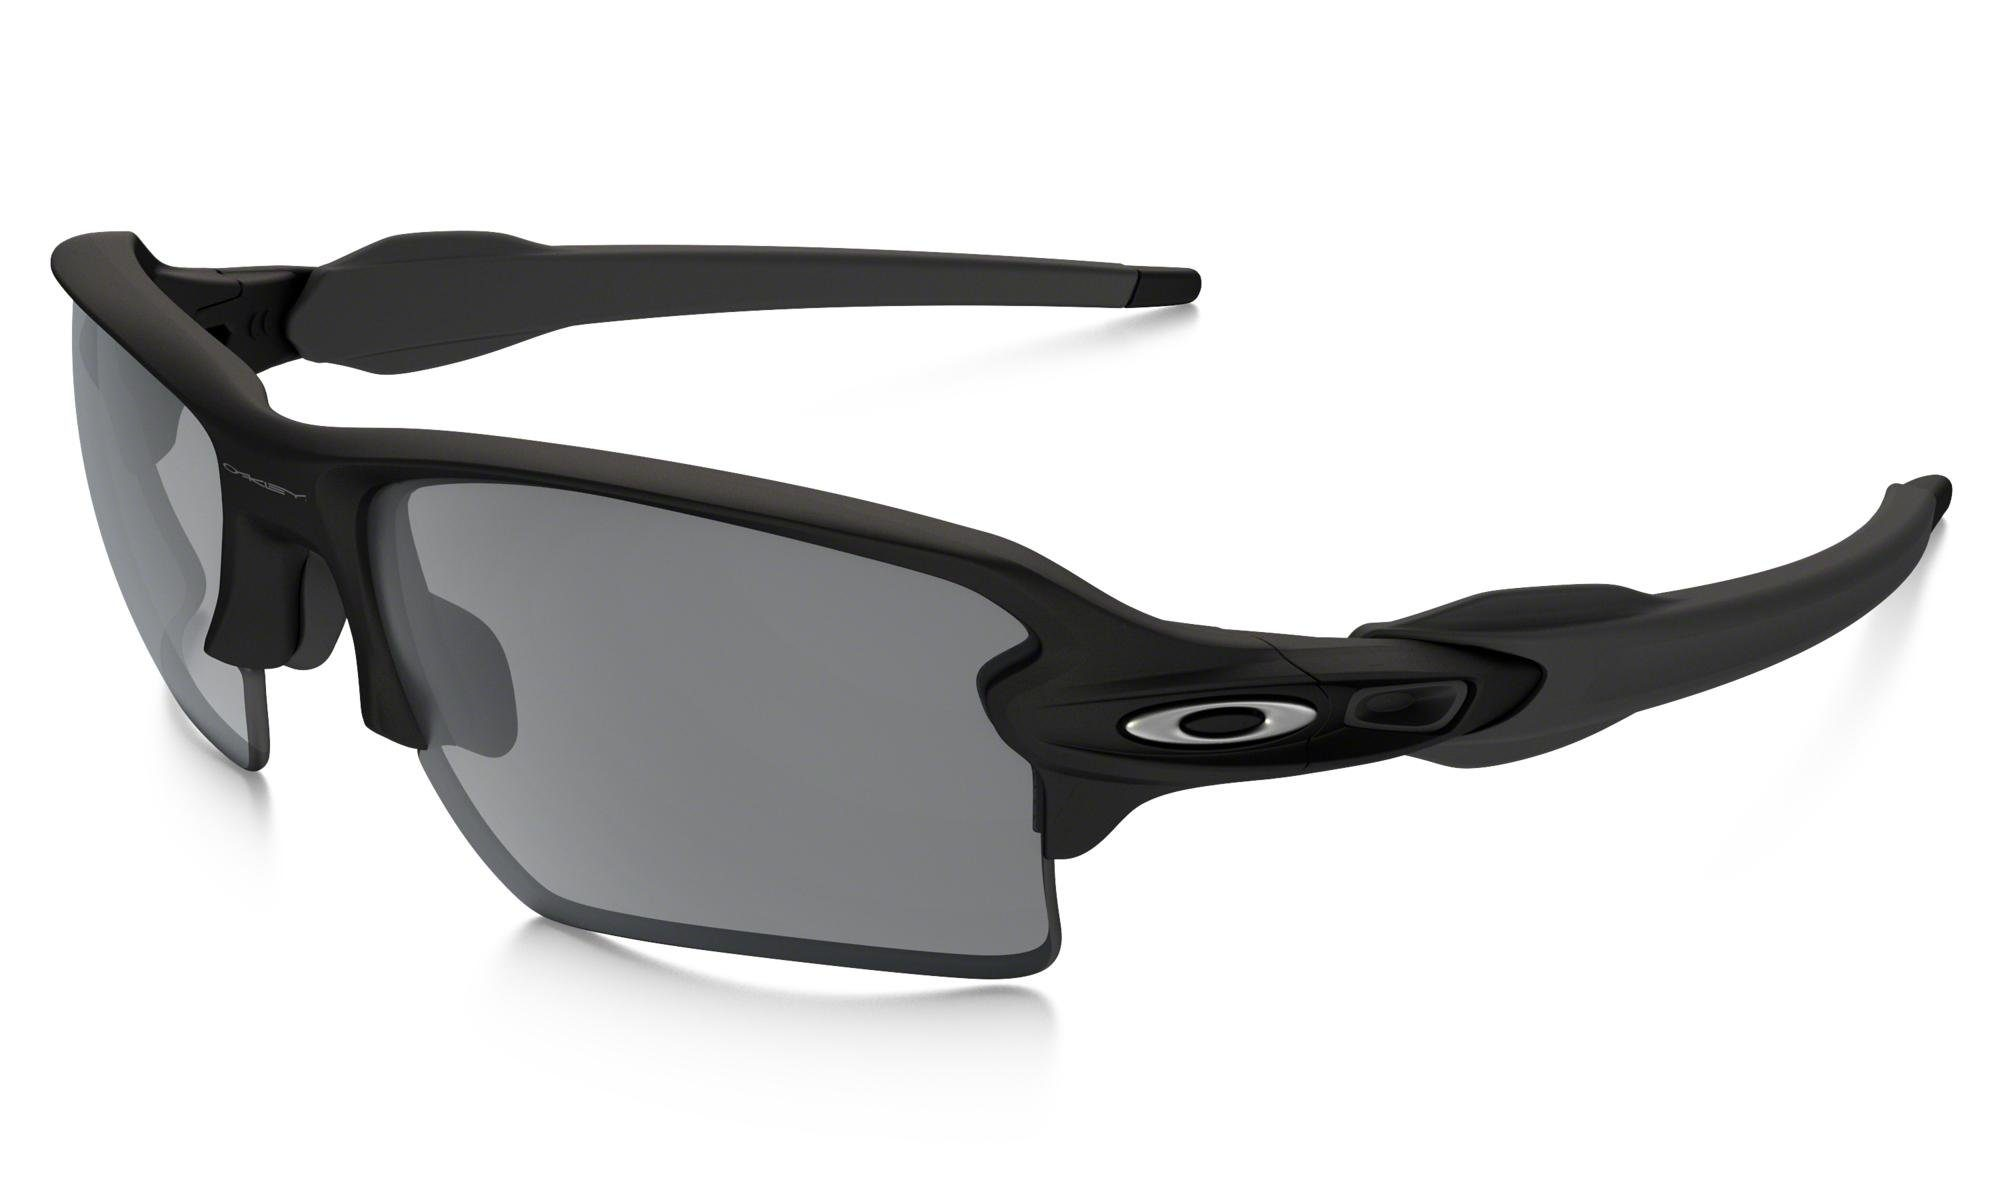 Oakley Radsportbrille »Flak 2.0 XL Brille«